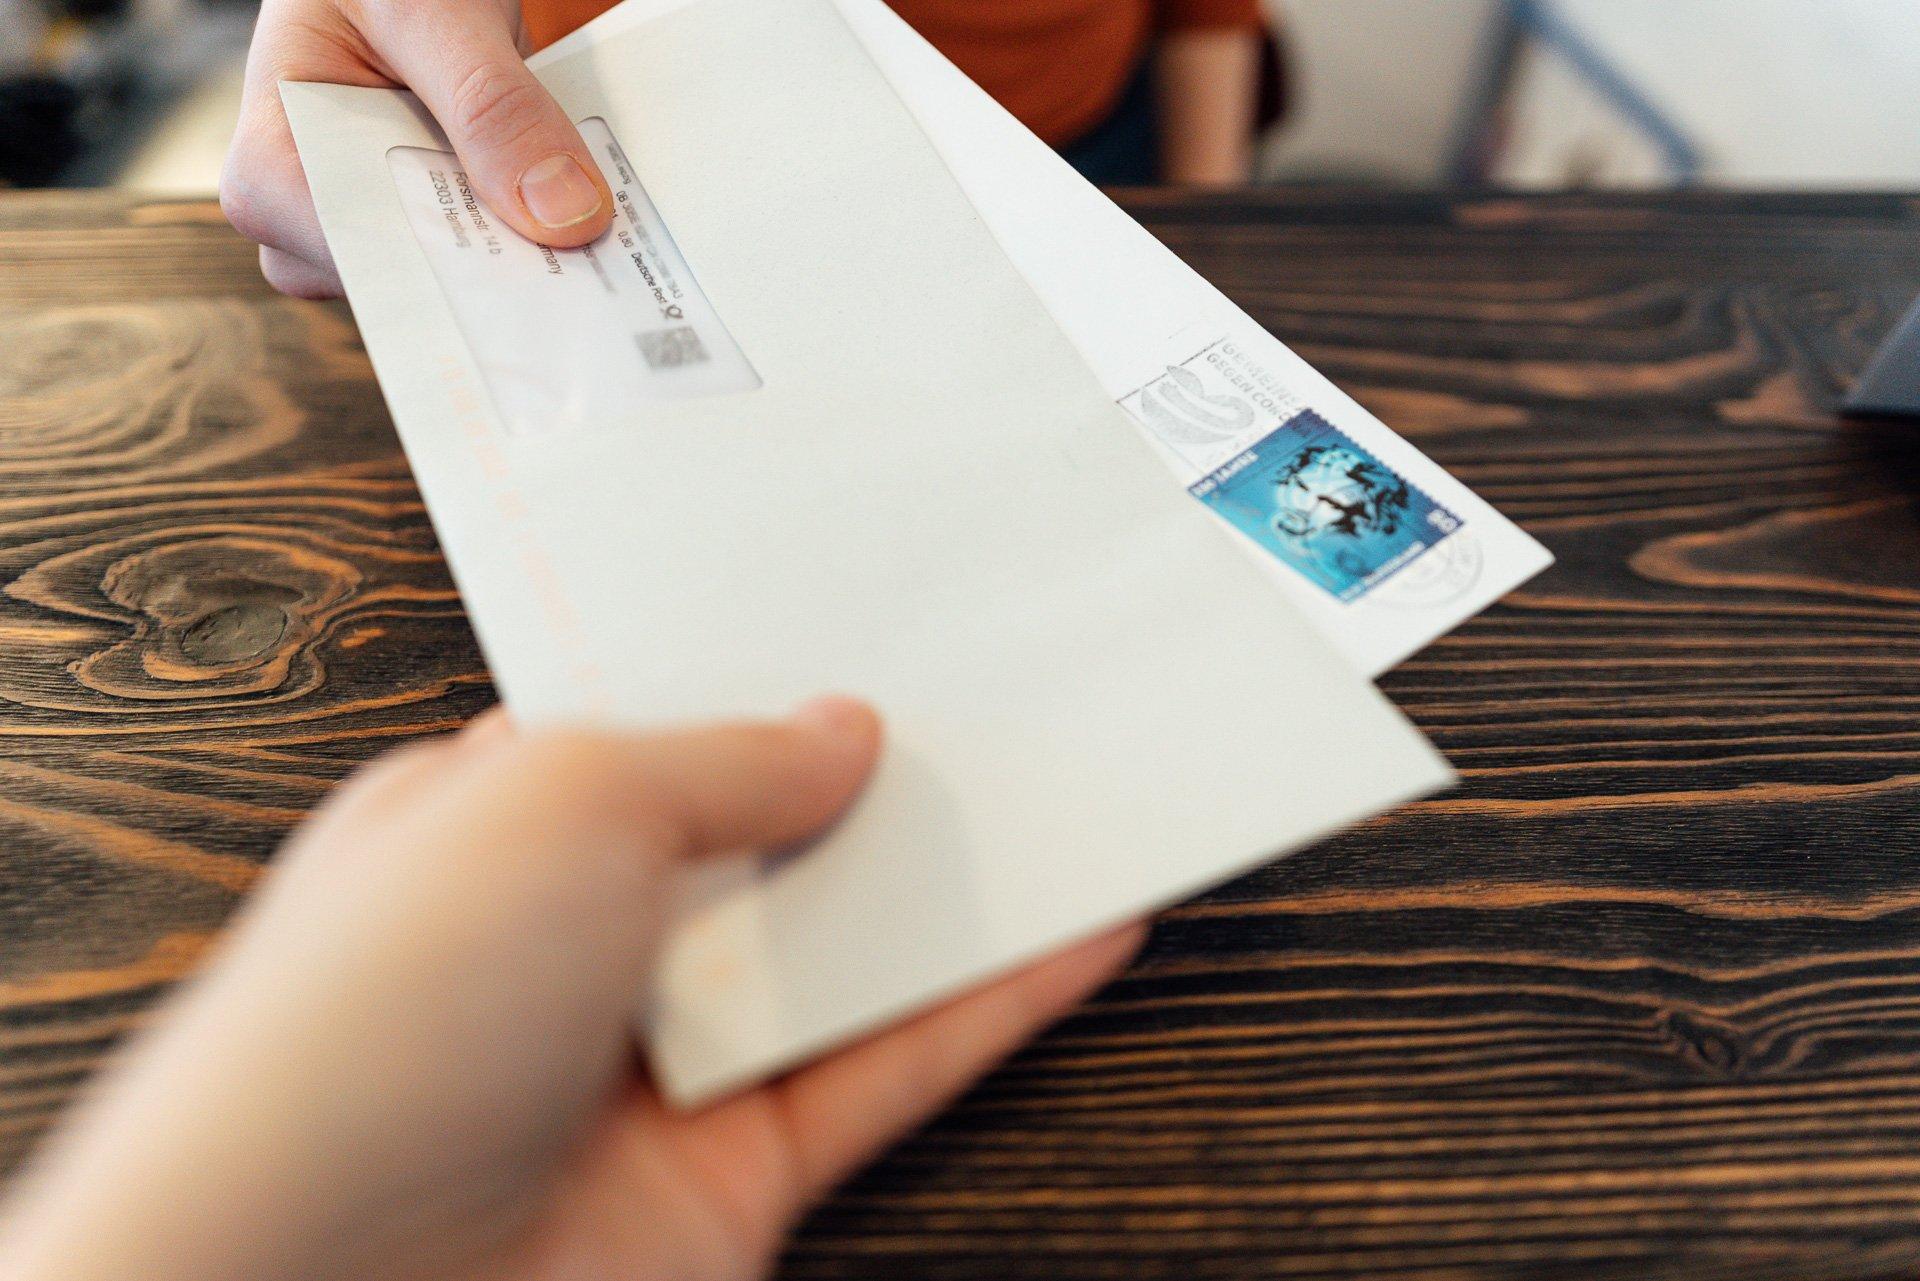 Briefe werden überreicht